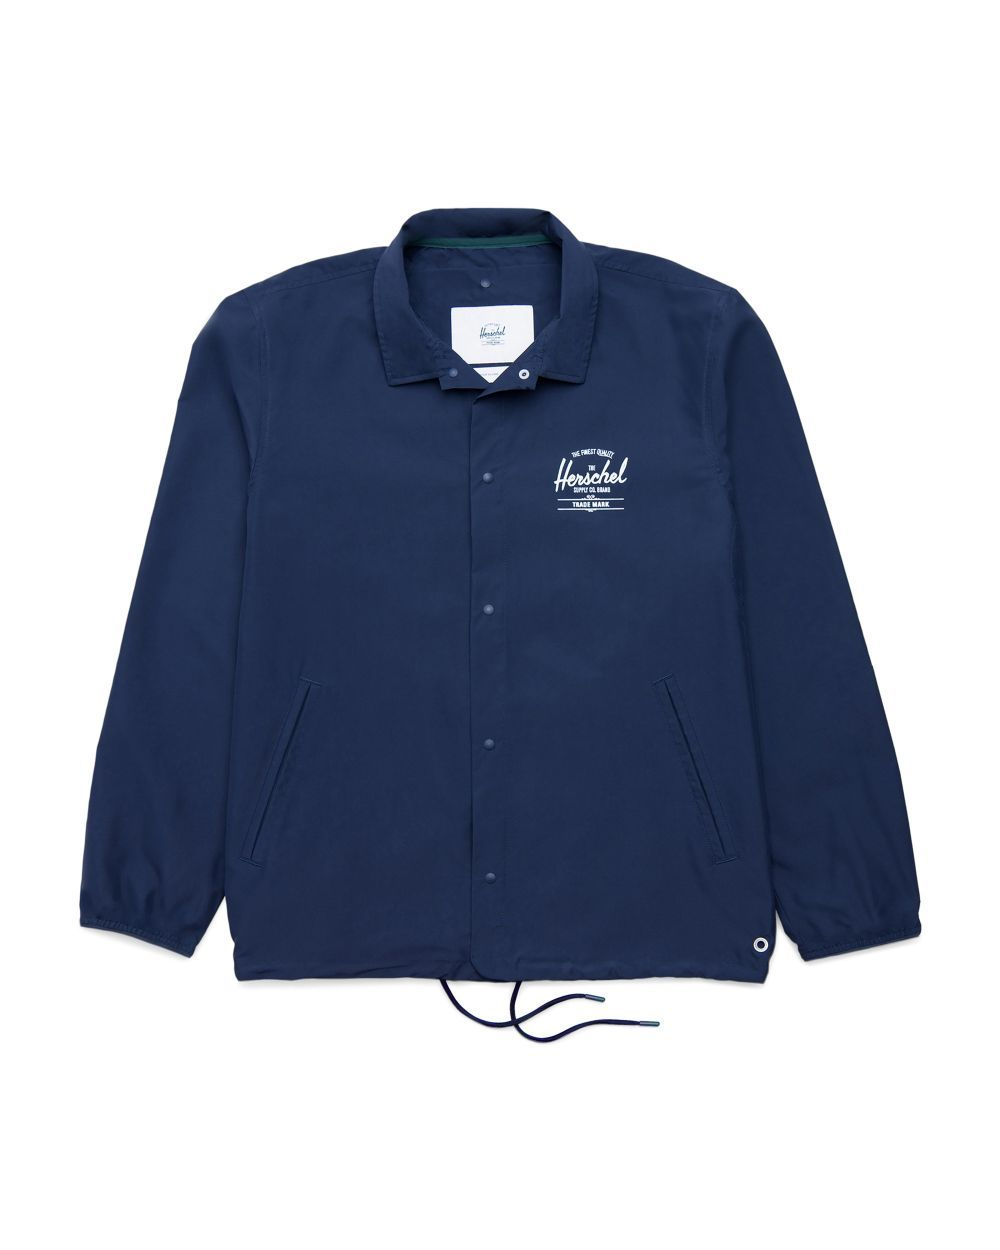 04ff9541 Voyage Coach Jacket | MensVoyage Coach Jacket | Mens | wishy wishy ...